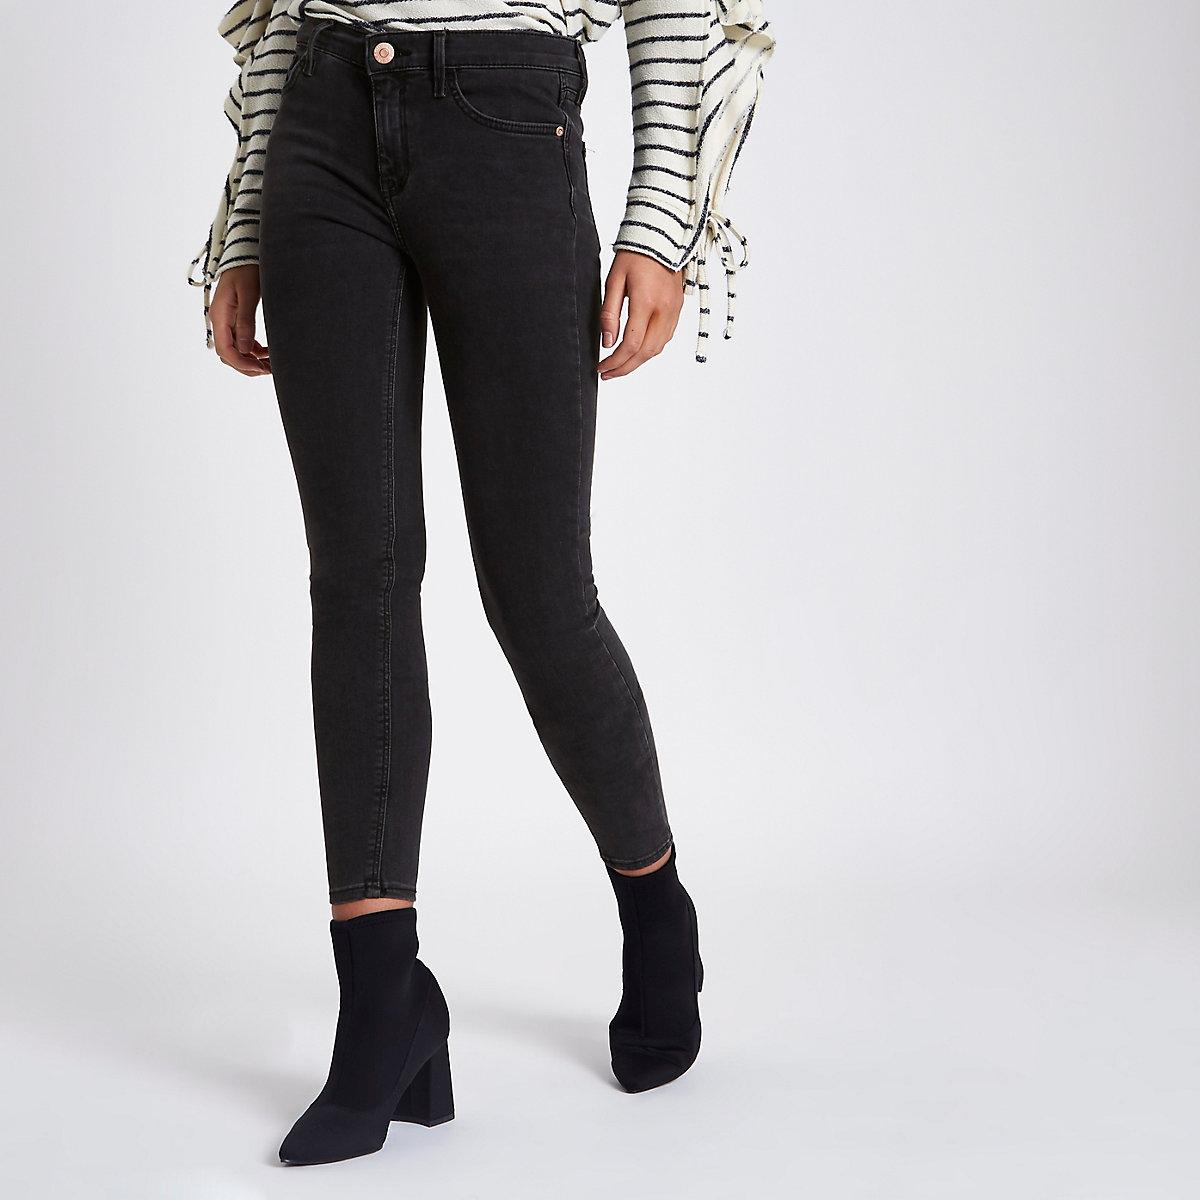 Washed black Amelie super skinny jeans